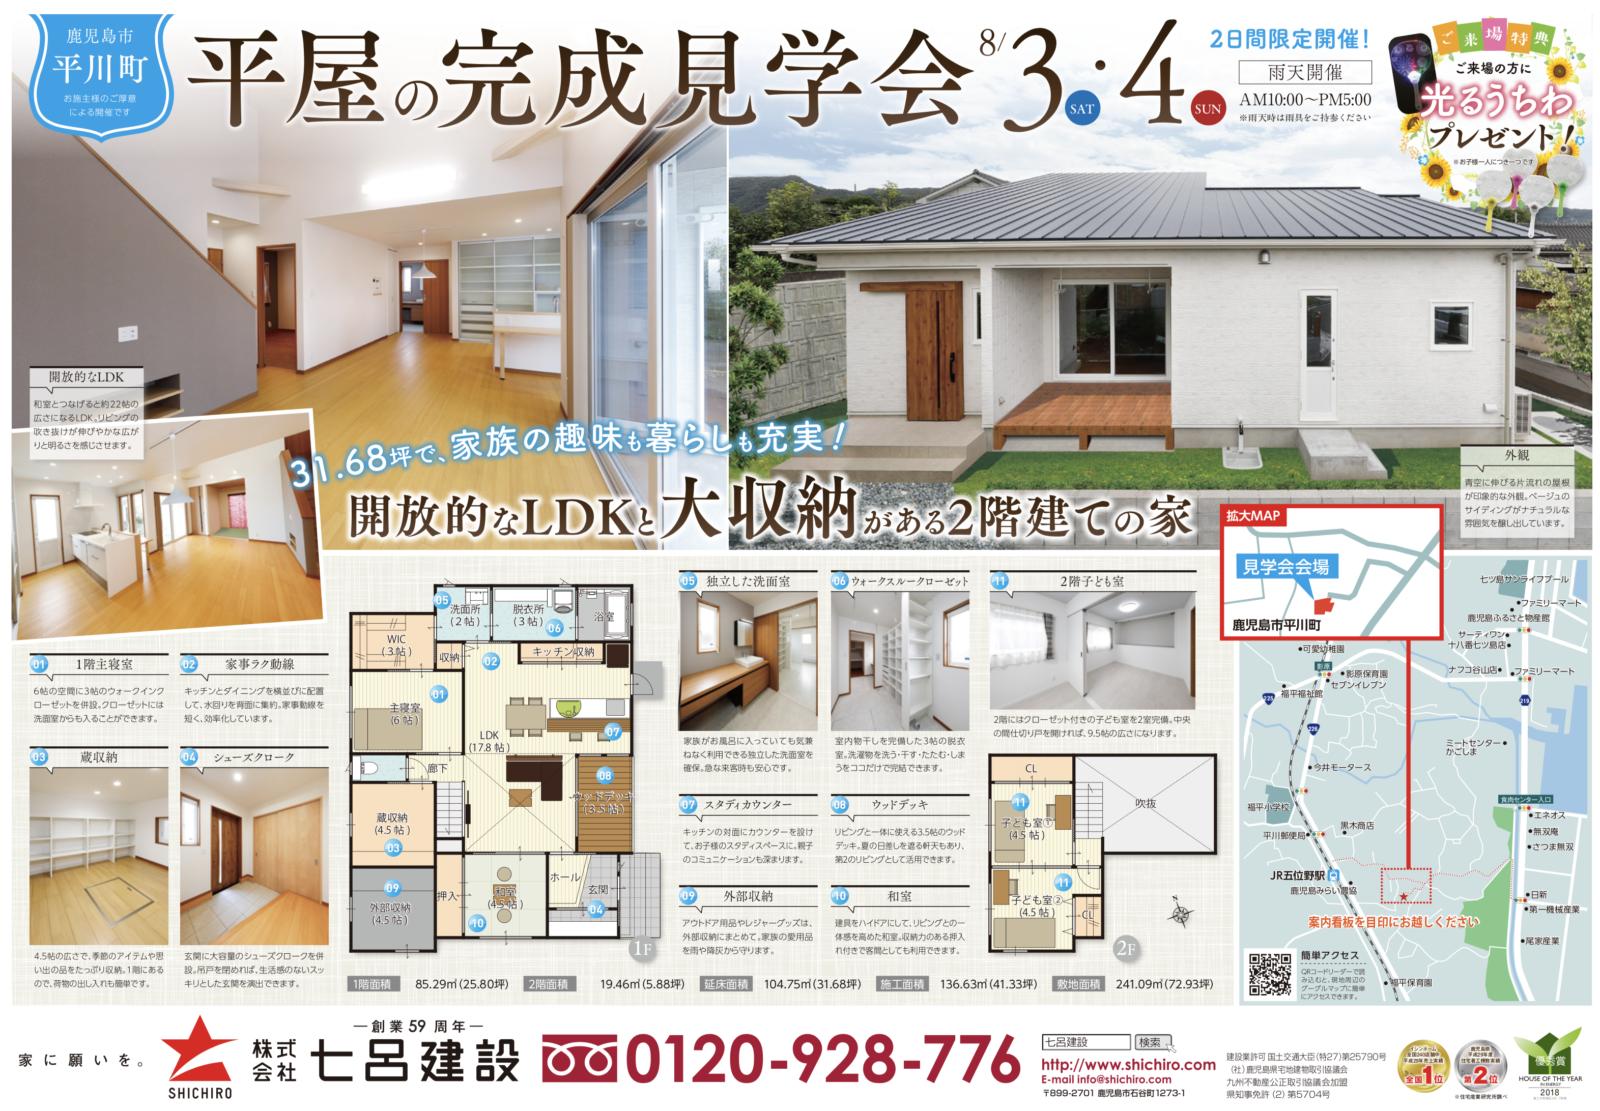 七呂建設   解放的なLDKと大収納がある2階建ての家見学会 【鹿児島市】